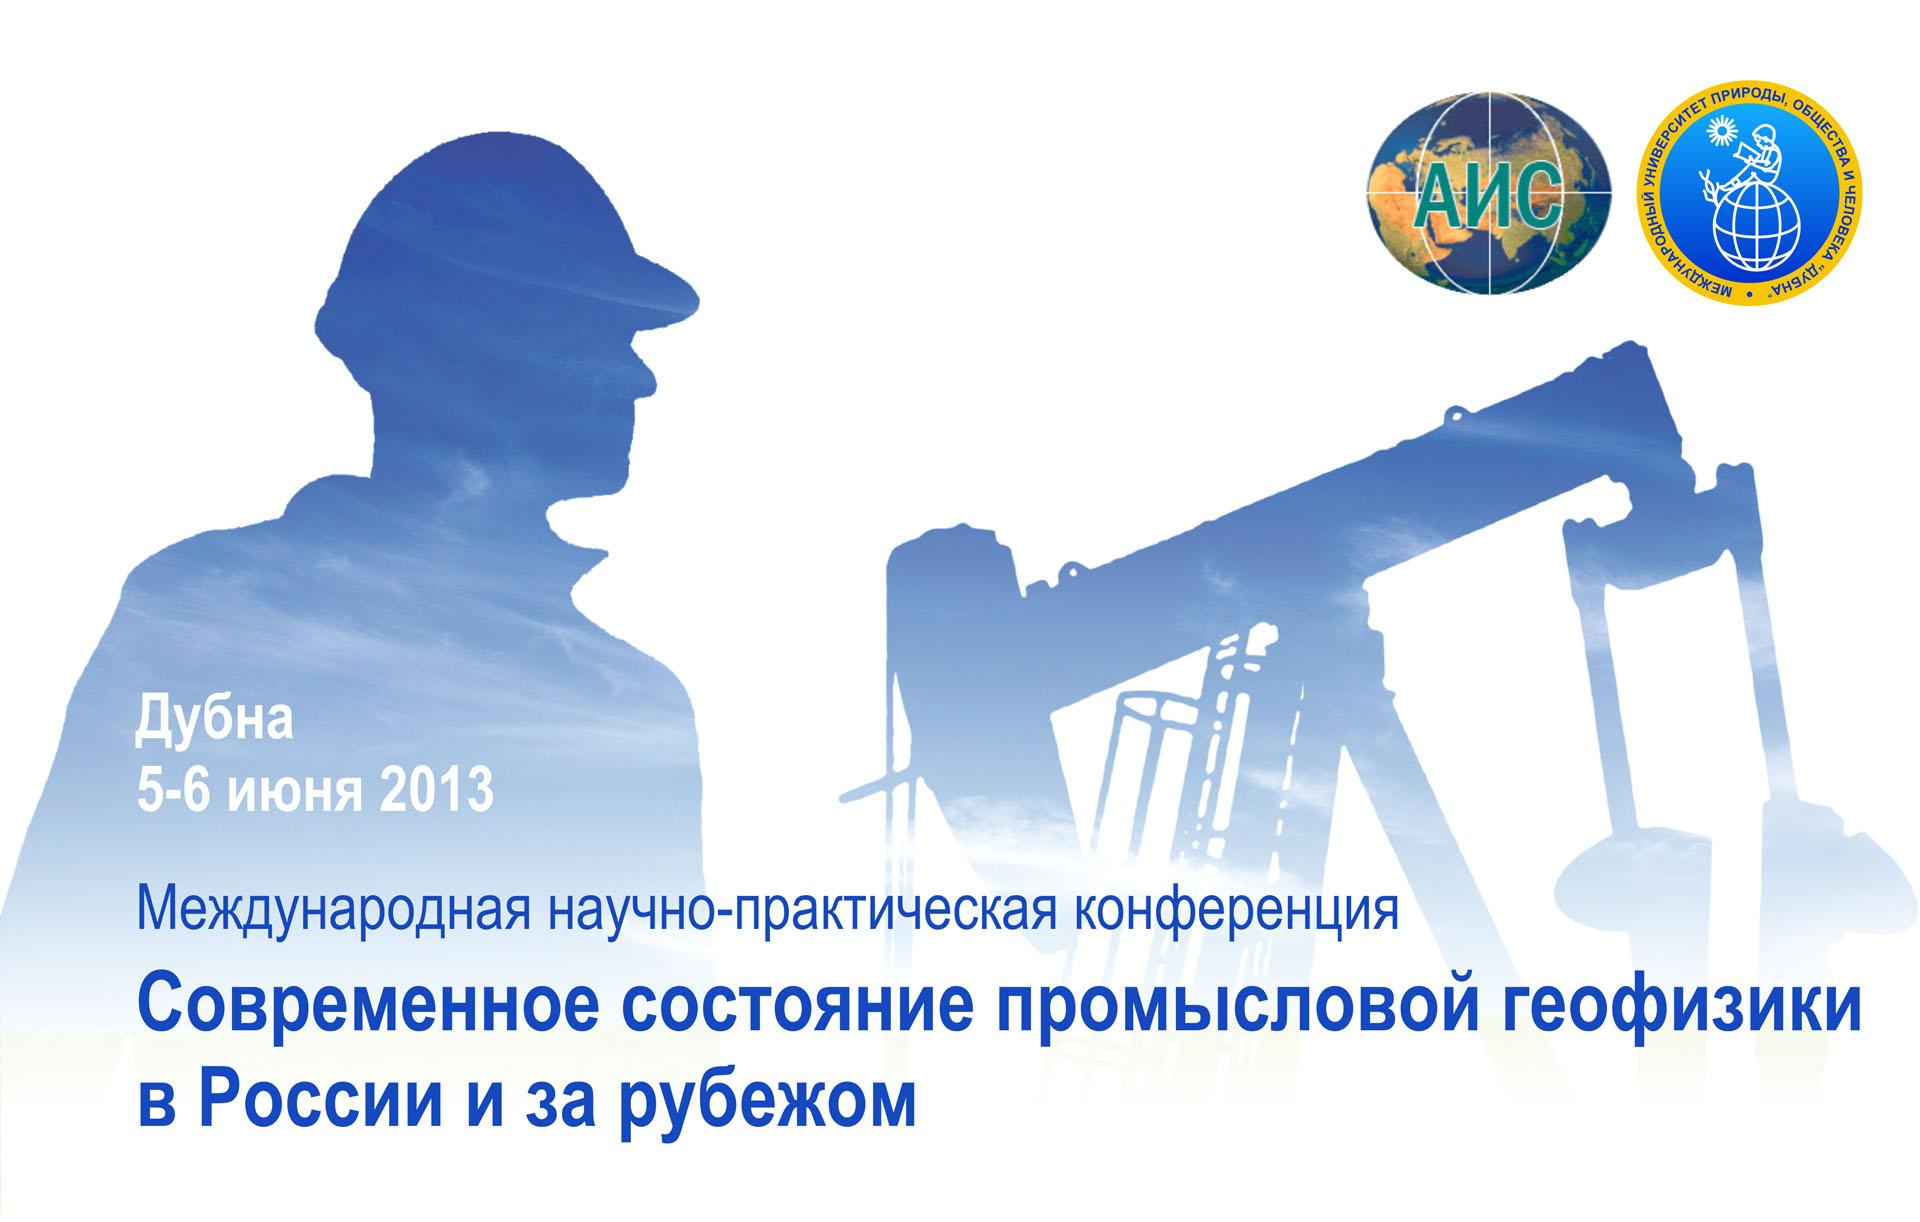 Международная научно-практическая конференция «Современное состояние промысловой геофизики в России и за рубежом»